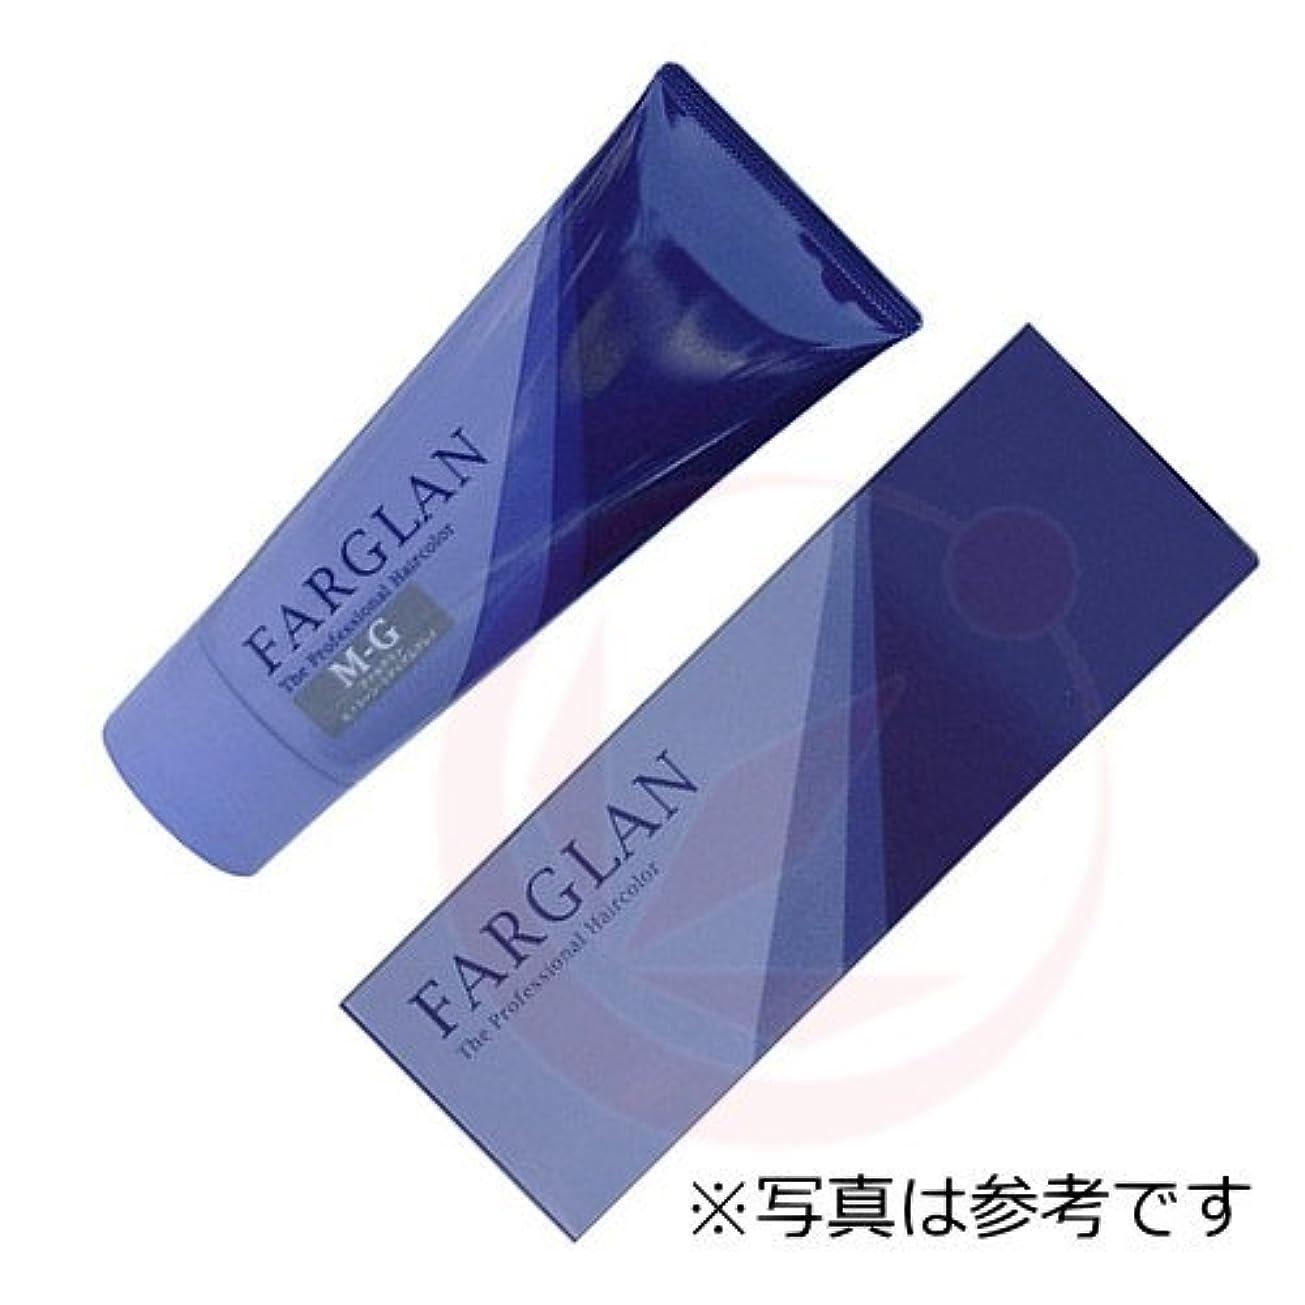 優越パケット純粋なミルボン ファルグラン ペールライン 160g (ヘアマニキュア) 【ペールパープル】P-P